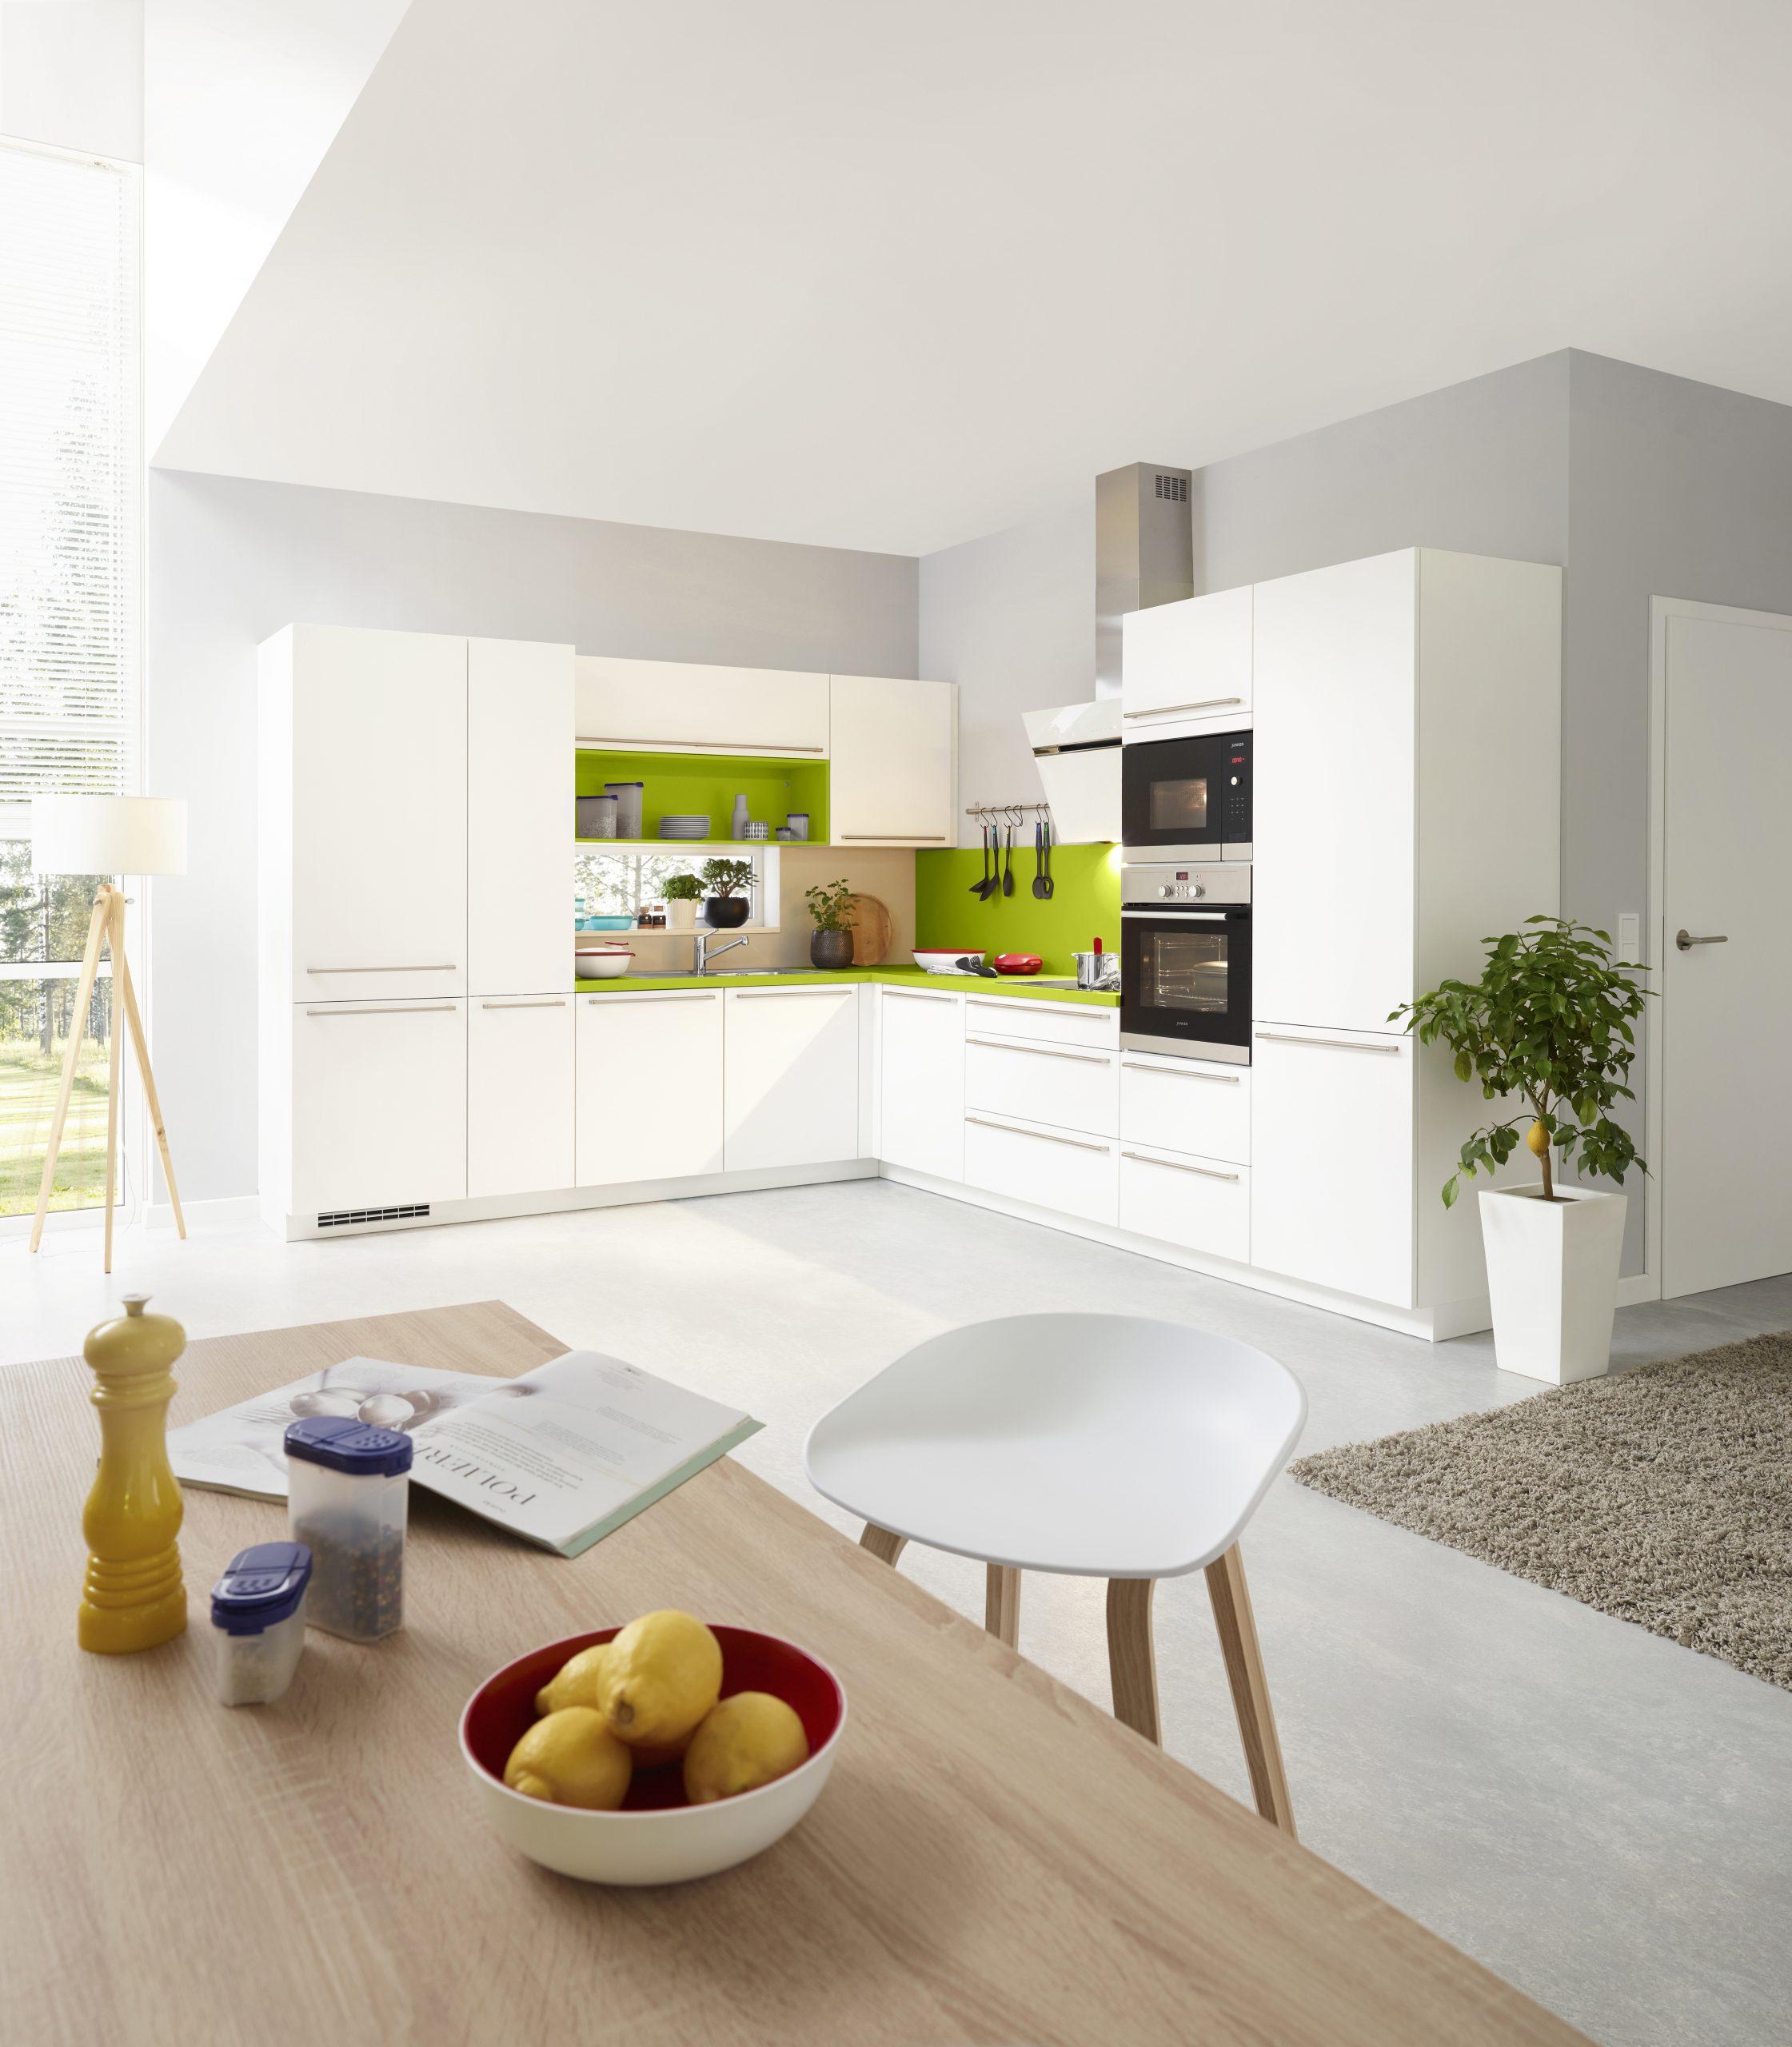 Full Size of Hyperfocal: 0 Küche Aufbewahrungsbehälter Küche